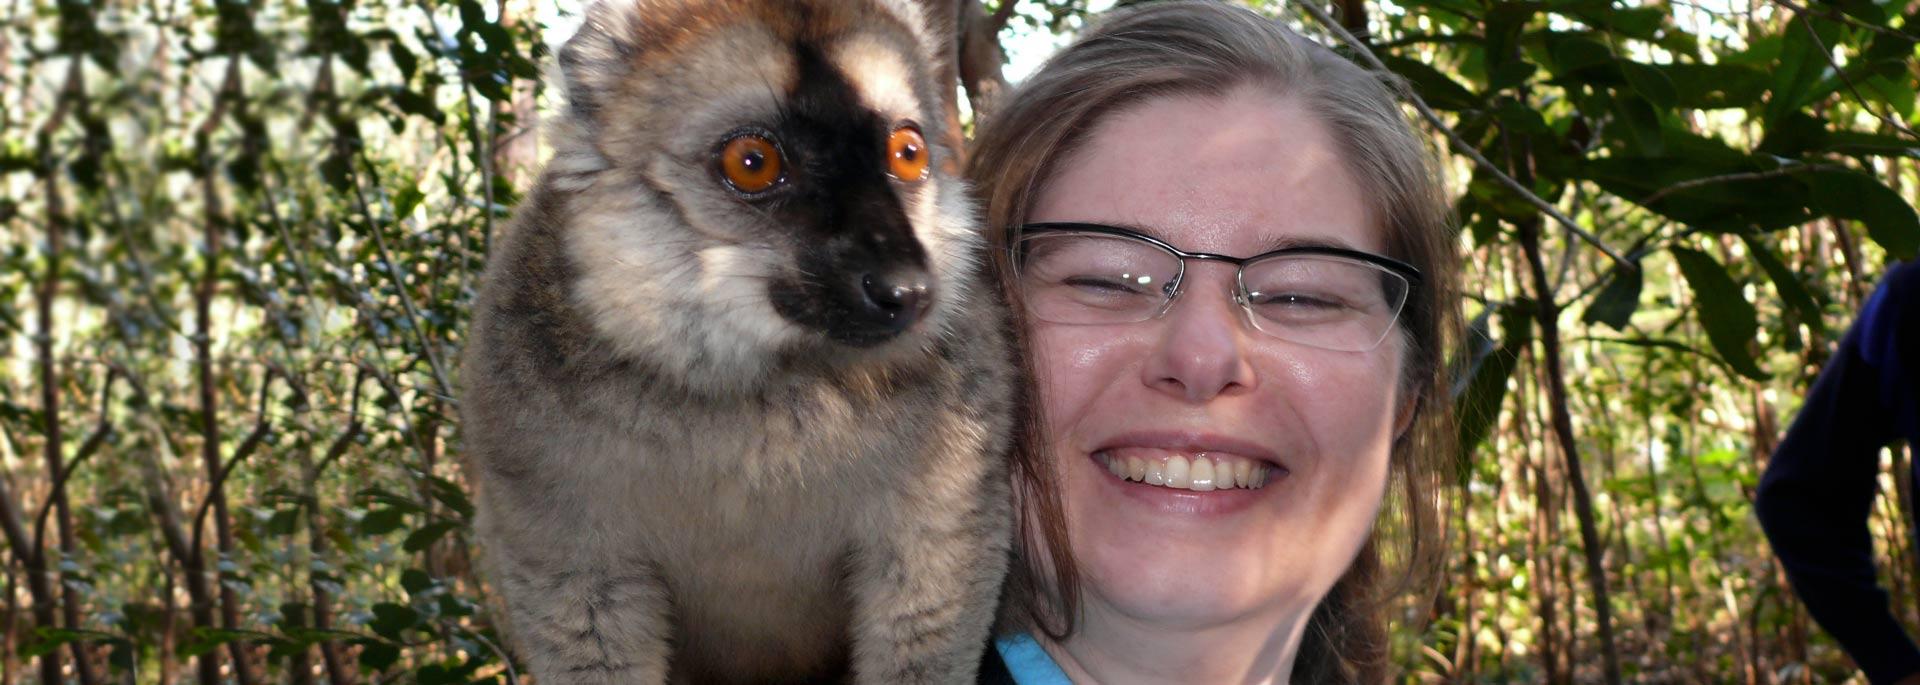 Wie ich auf Madagaskar die Lemuren kitzelte